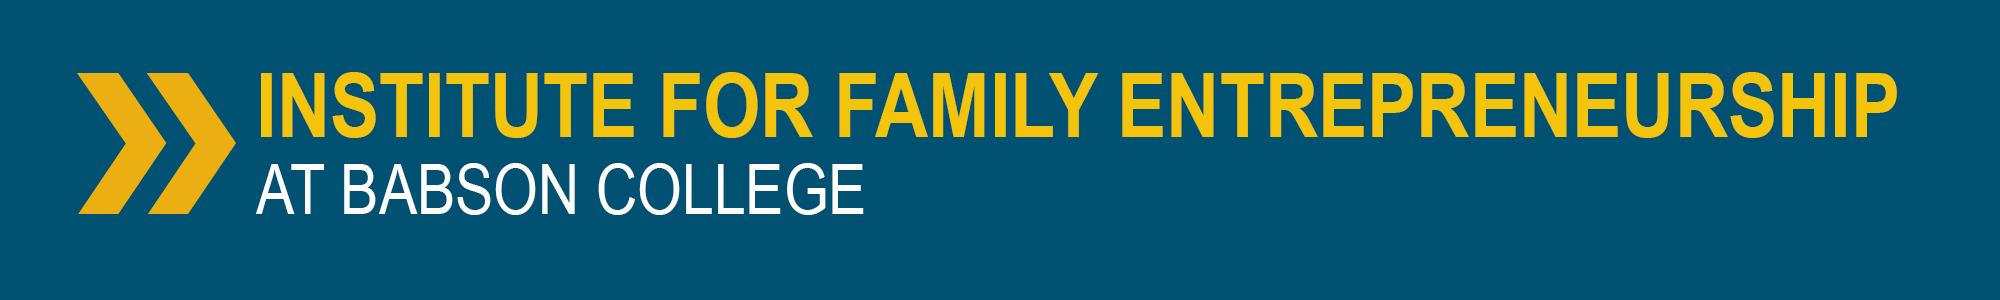 IFE-Website-Banner